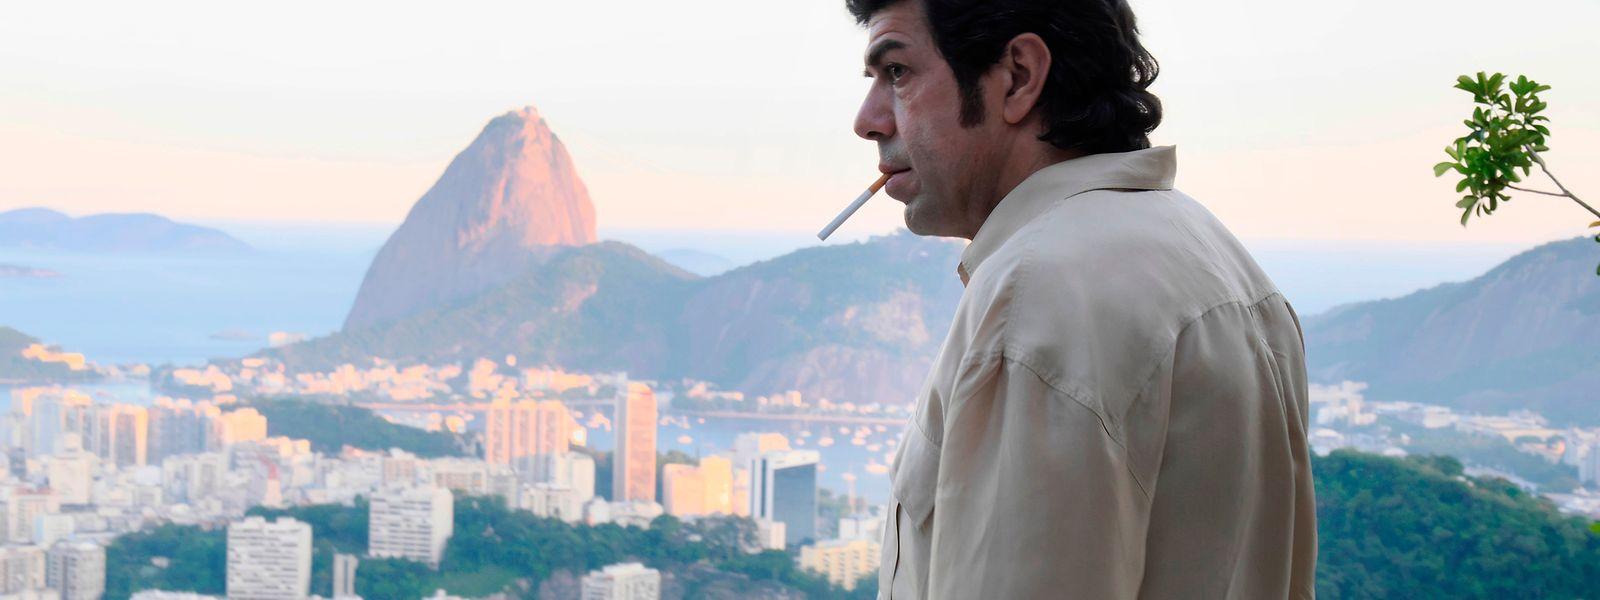 Pierfrancesco Favino spielt Tommaso Buscetta, den ersten sizilianischen Mafiaboss, der ausssagt.